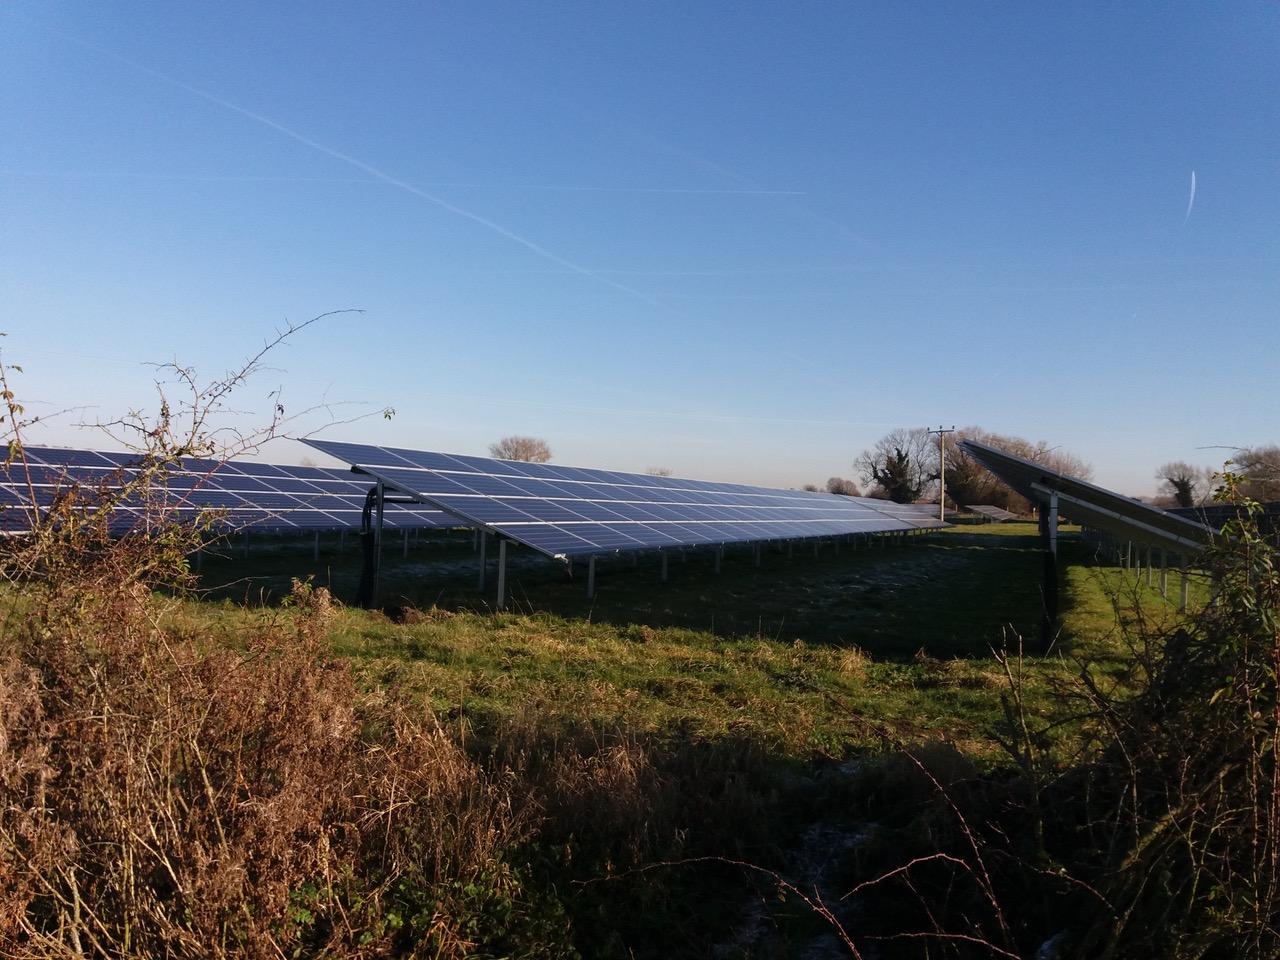 Abundance Swindon Common Farm Solar